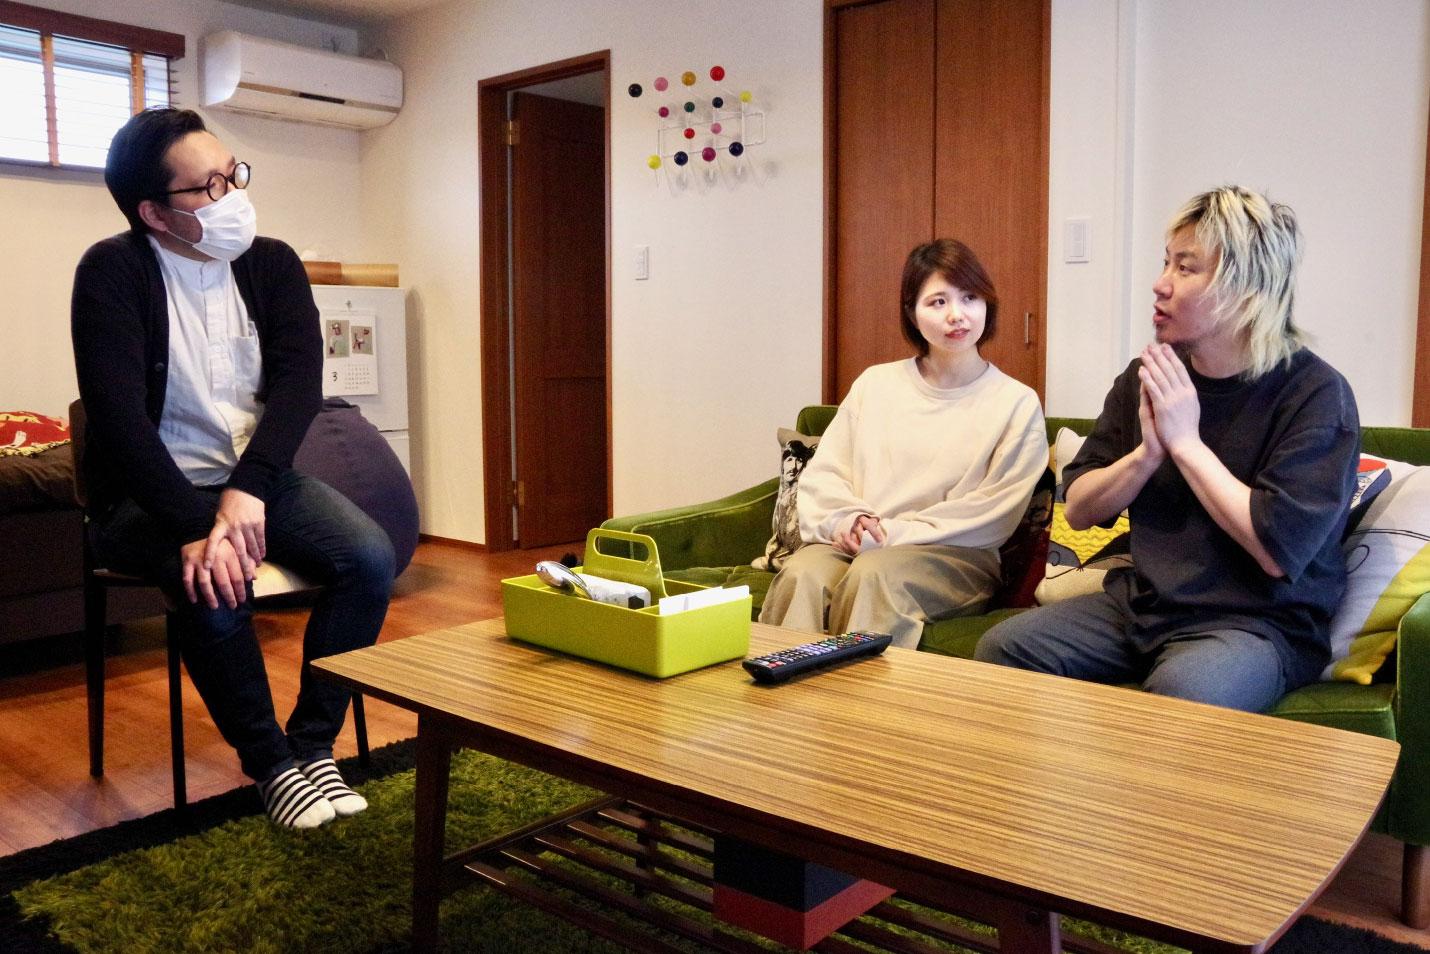 カリモク60 オーナーズインタビューNo.1 宇都宮店:A様 2